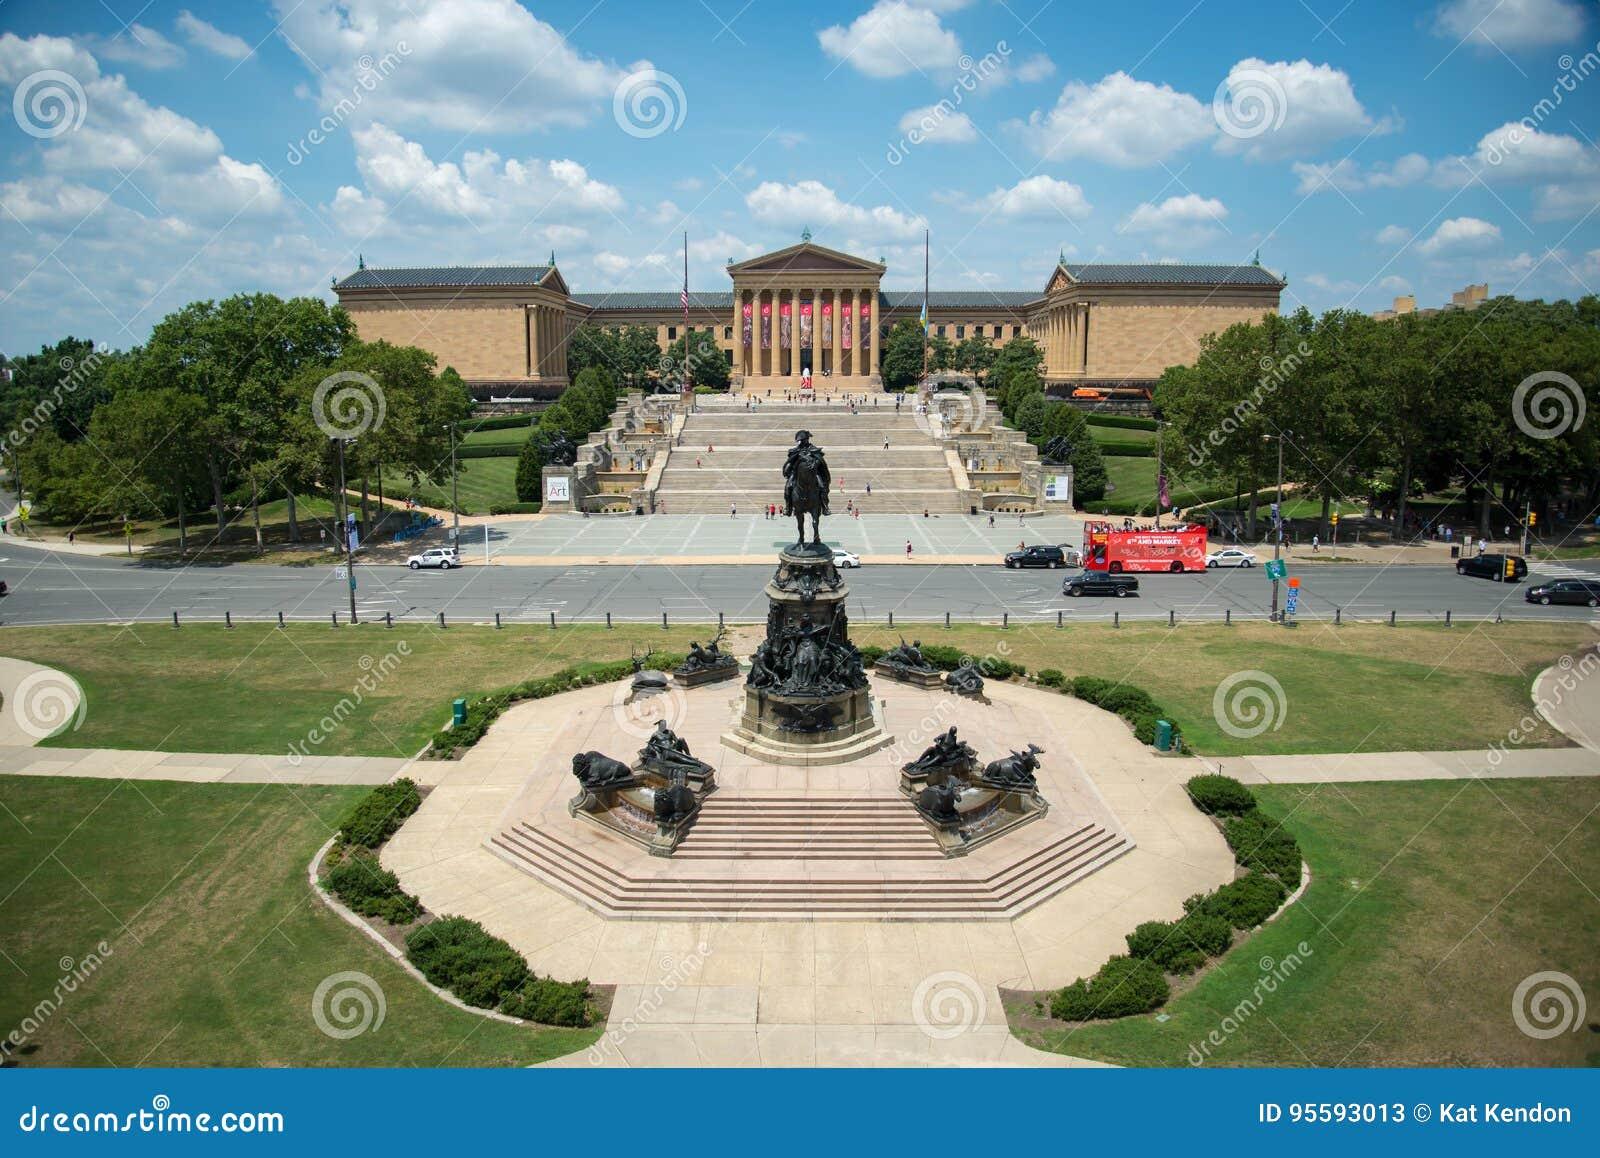 Une vue aérienne de Philadelphie Art Museum